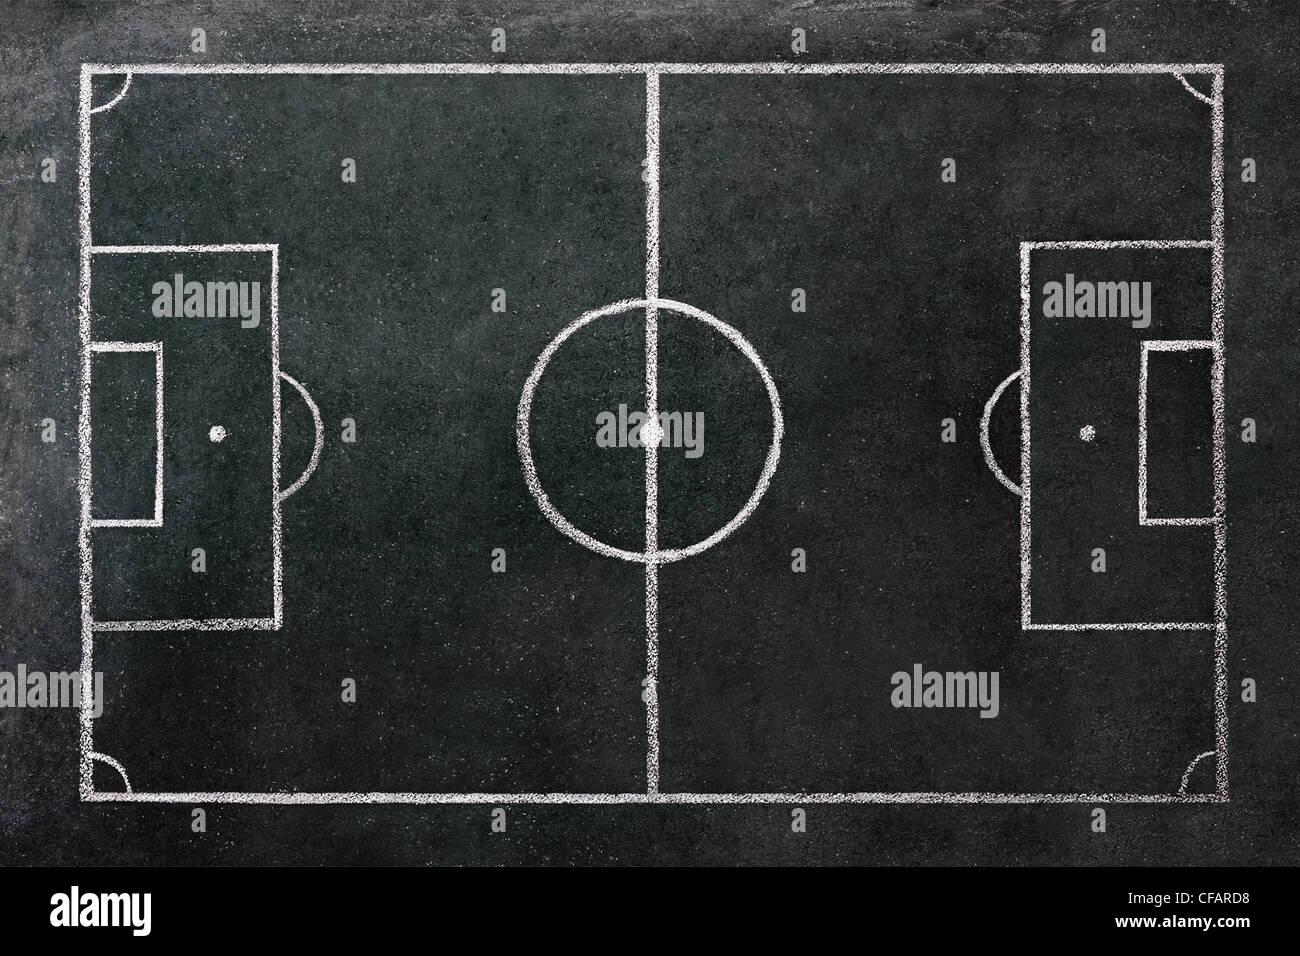 Campo de Fútbol dibujado en una pizarra. Imagen De Stock